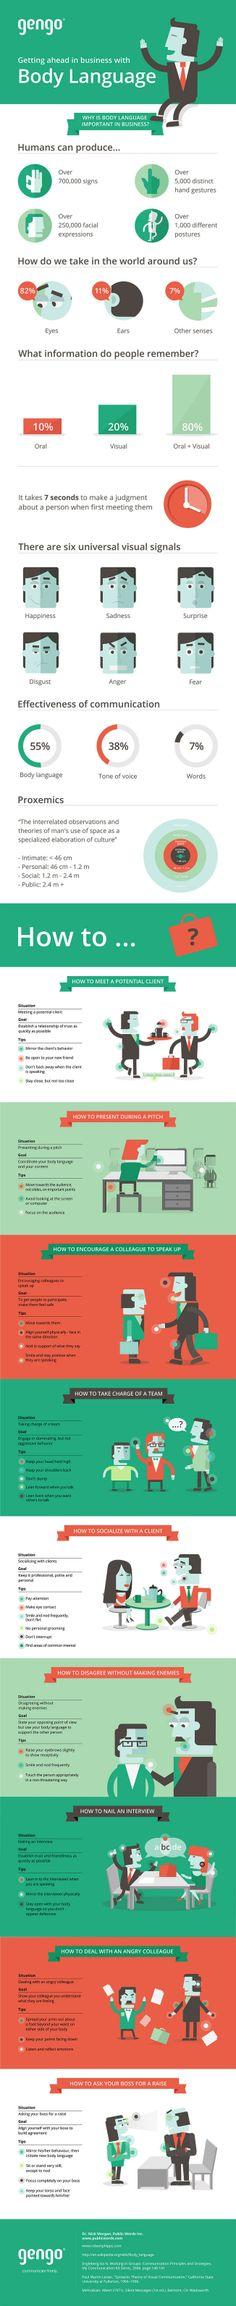 Gráfico: Destaque-se nos negócios com linguagem corporal